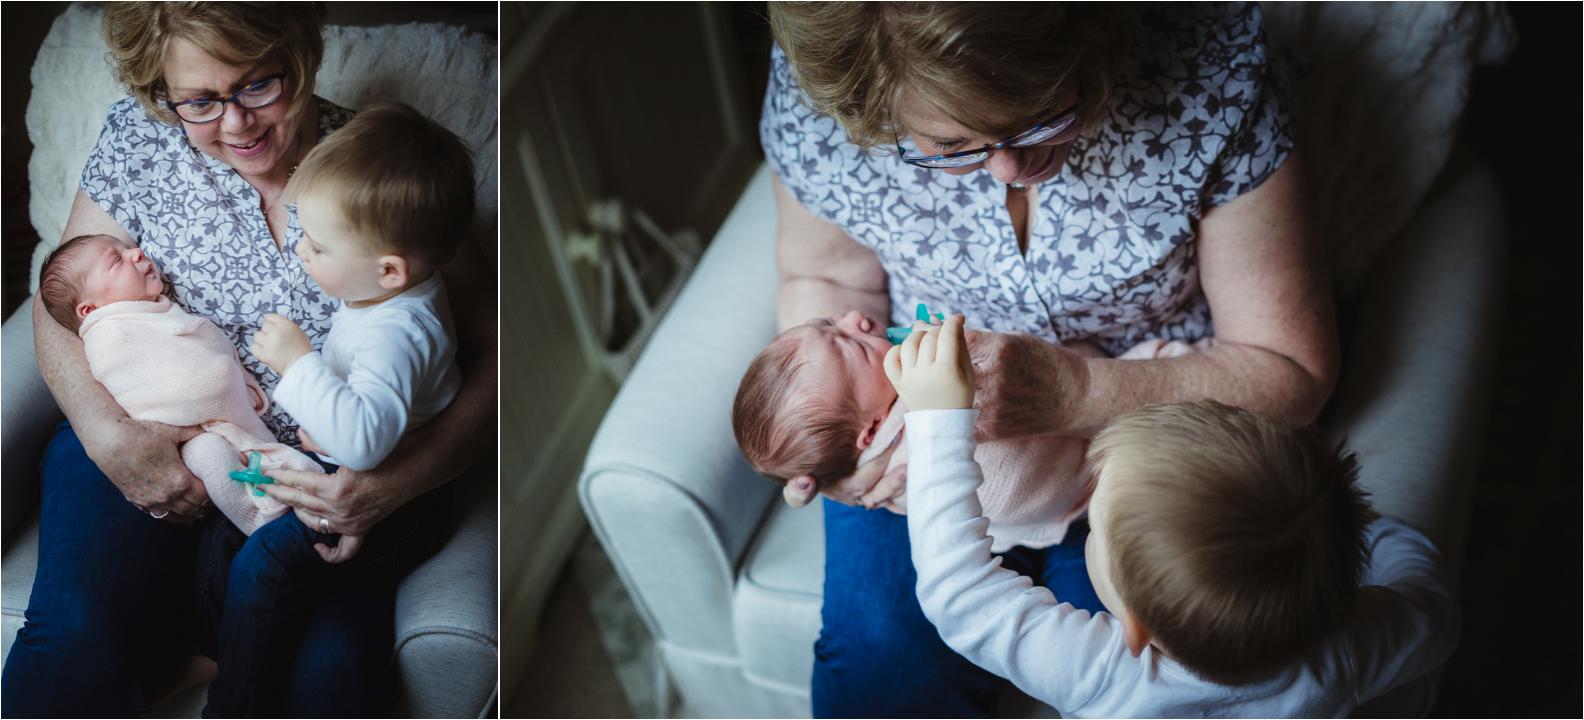 Newberg Newborn Photographer